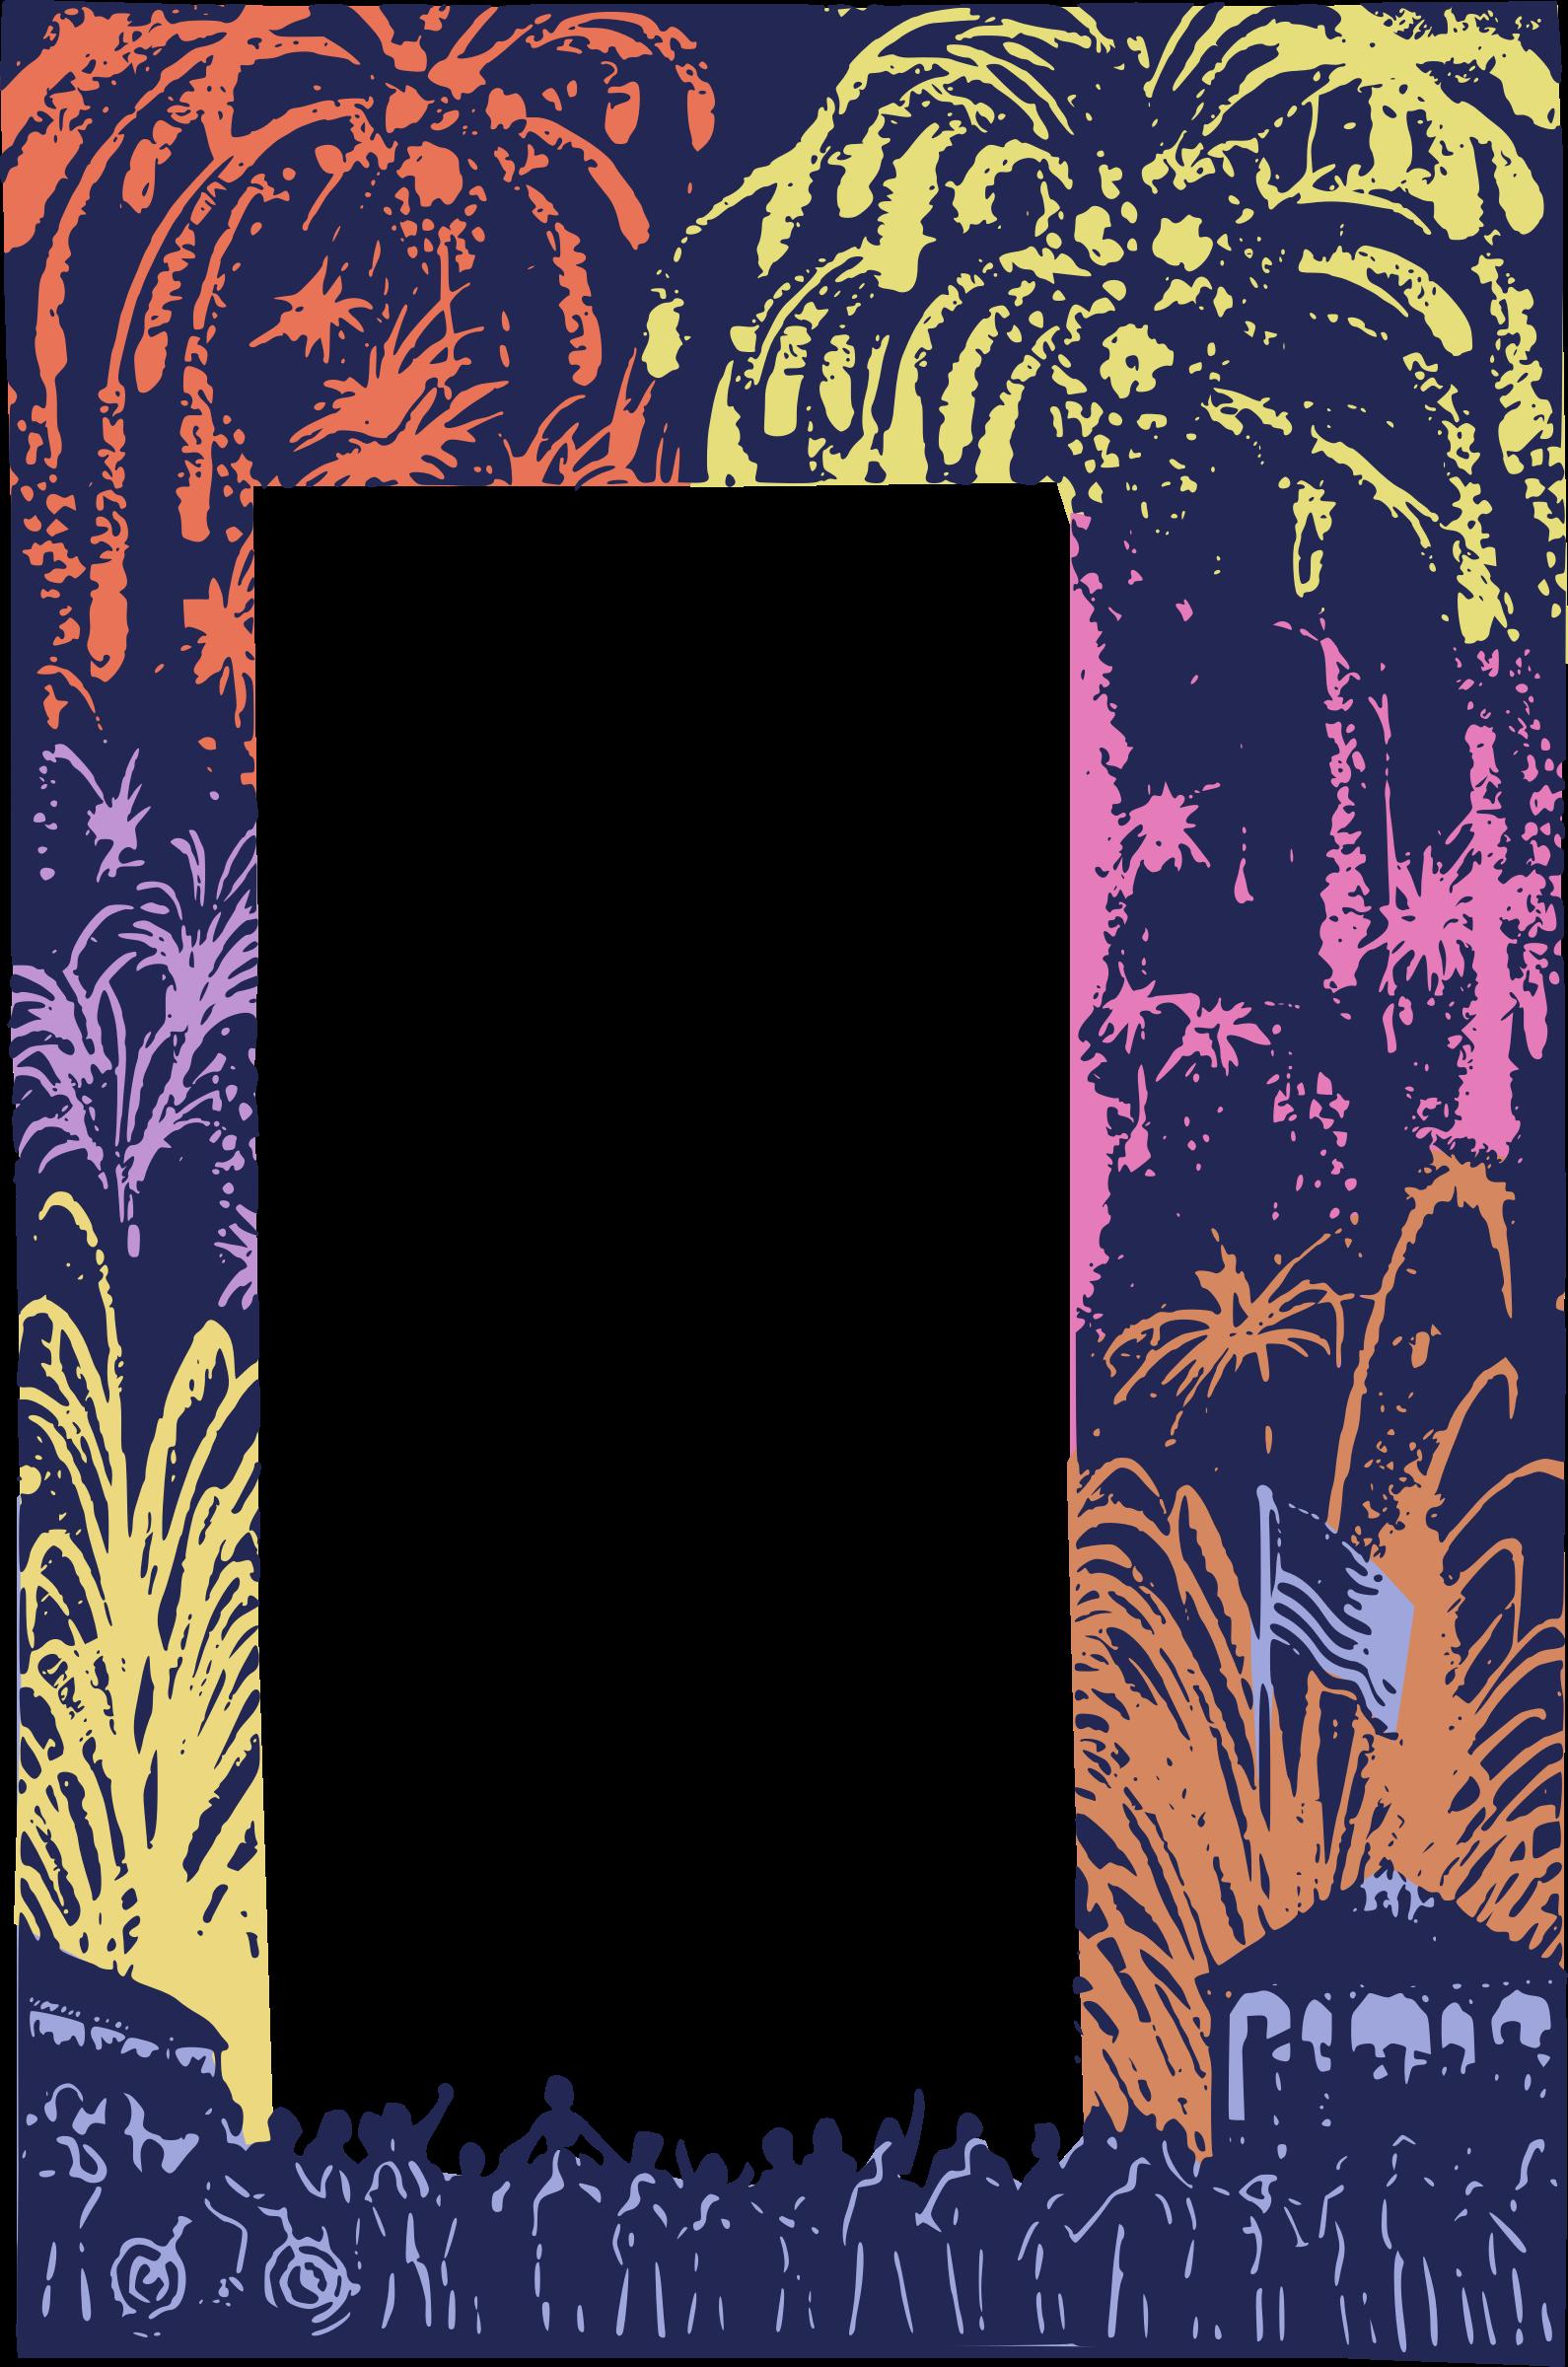 Frame big image png. Clipart fireworks pdf